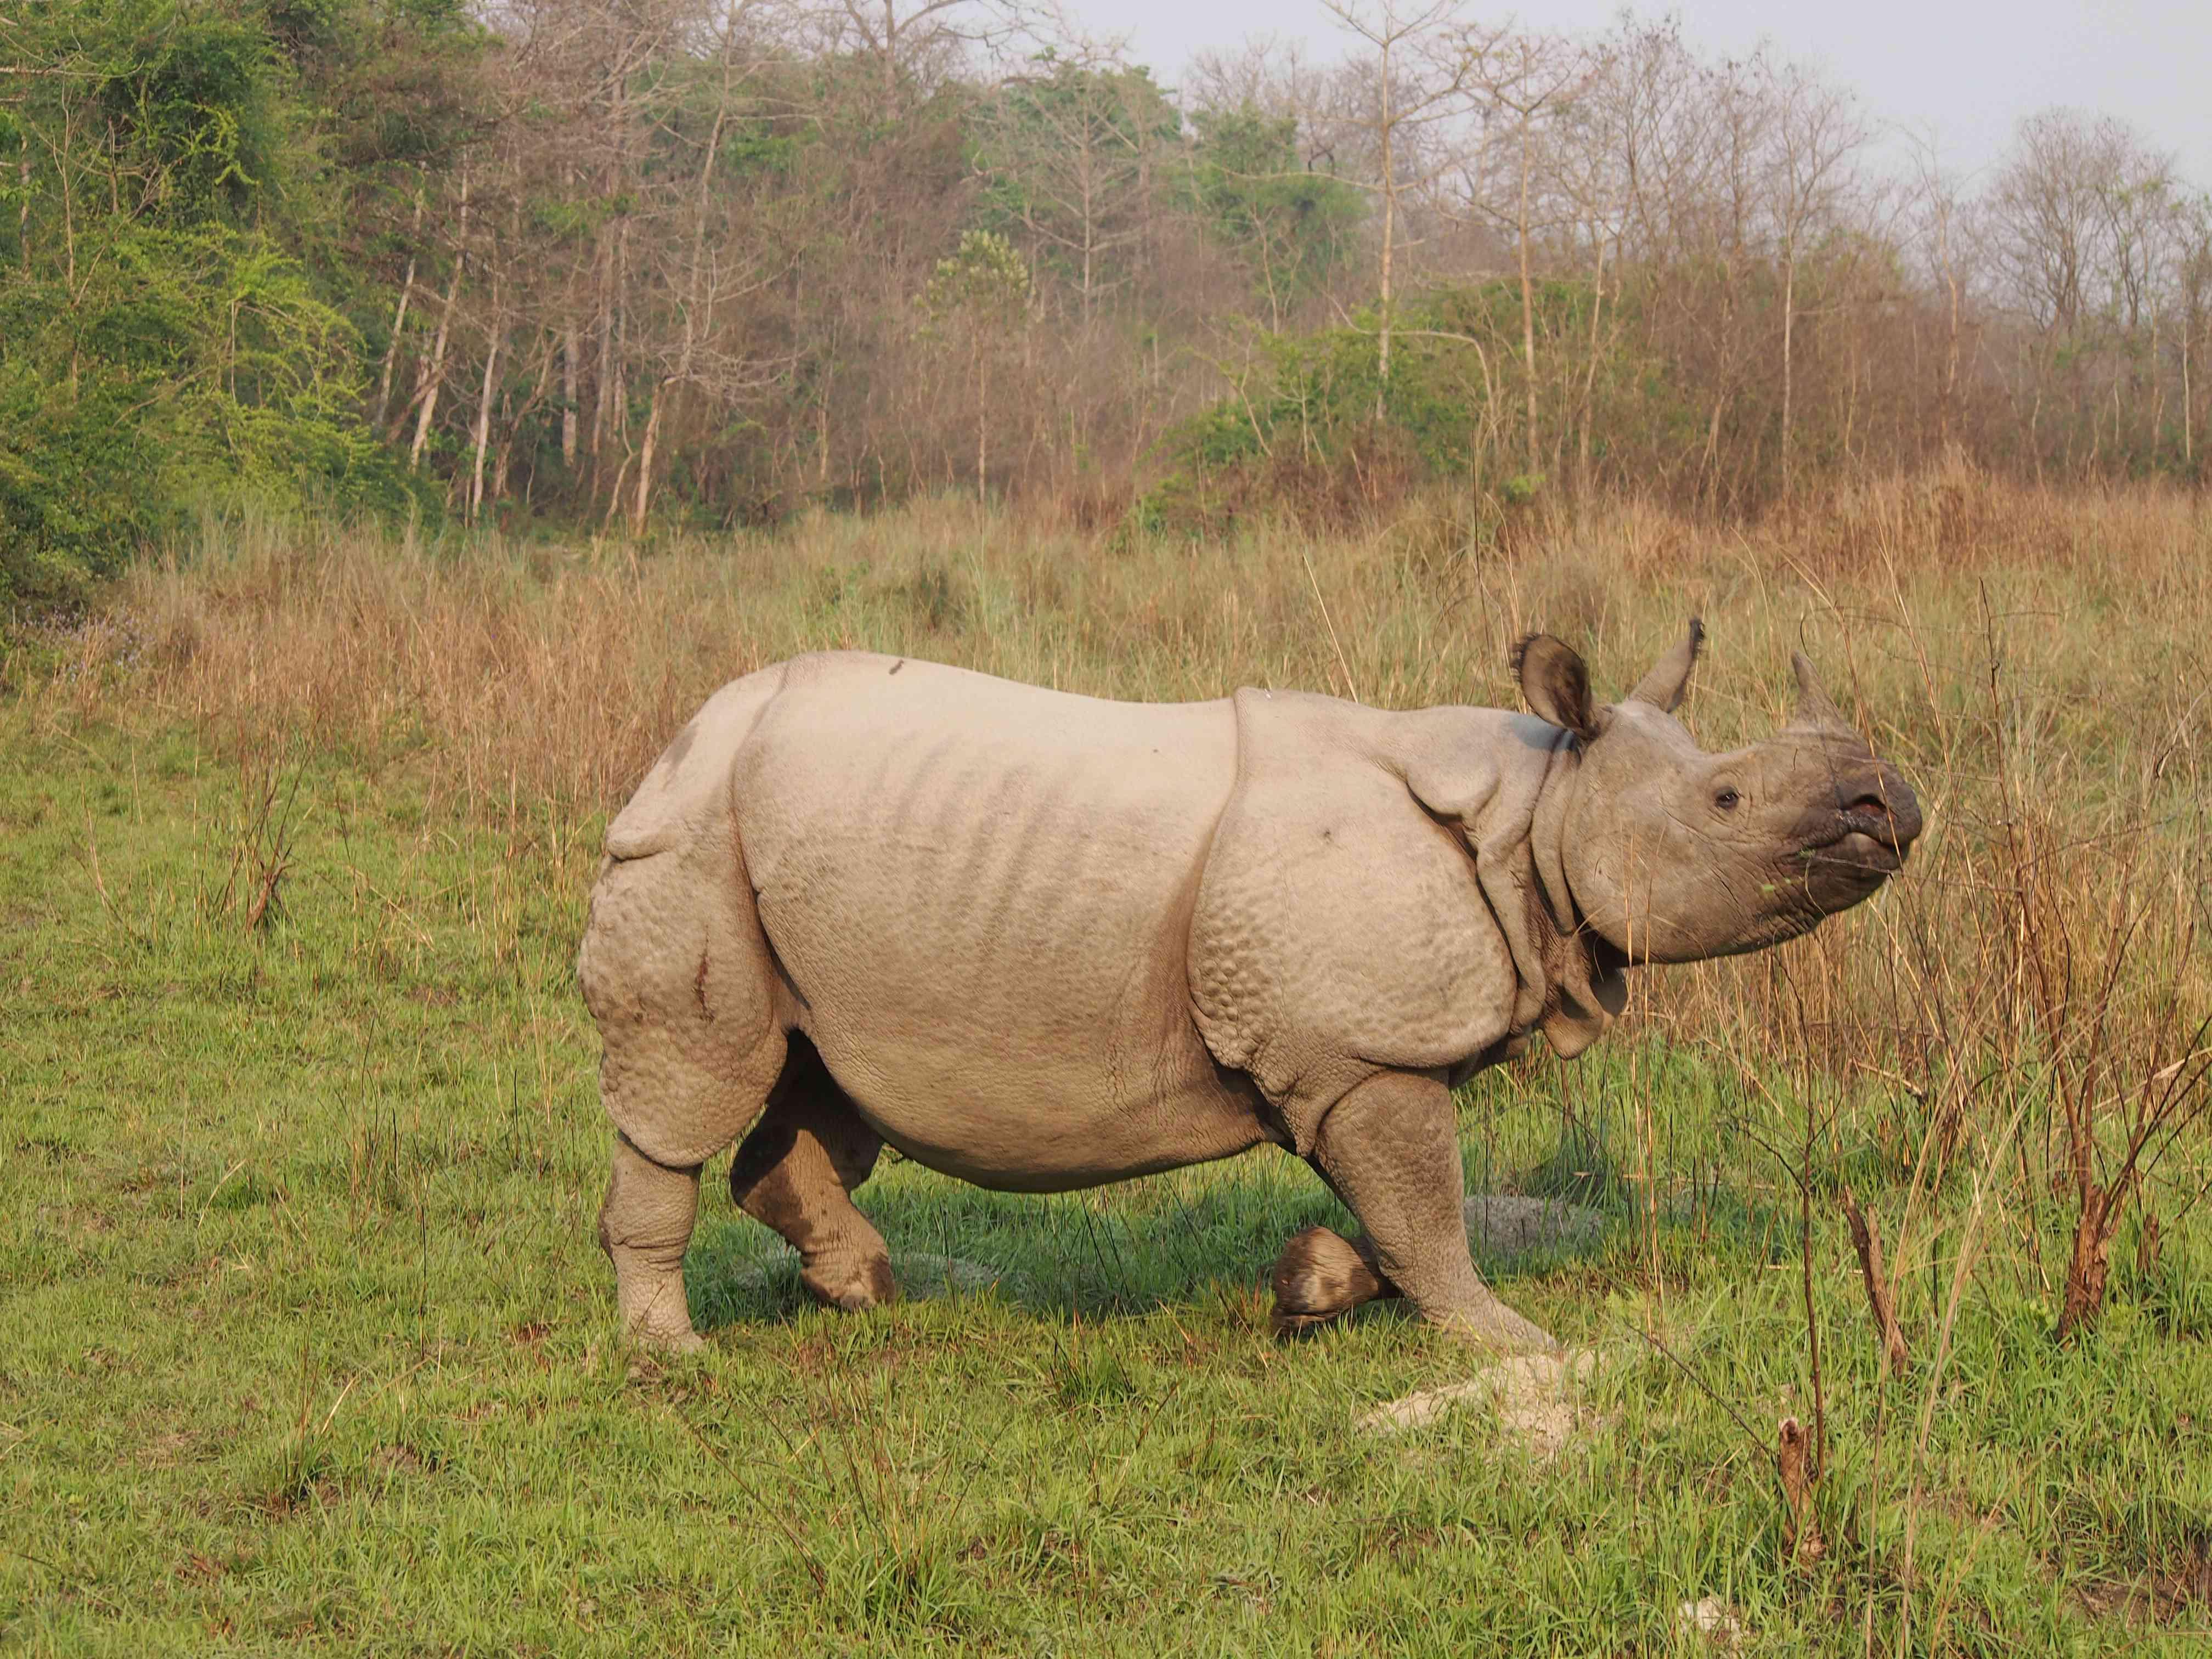 grandes rinocerontes caminando por la hierba en el Parque Nacional de Chitwan